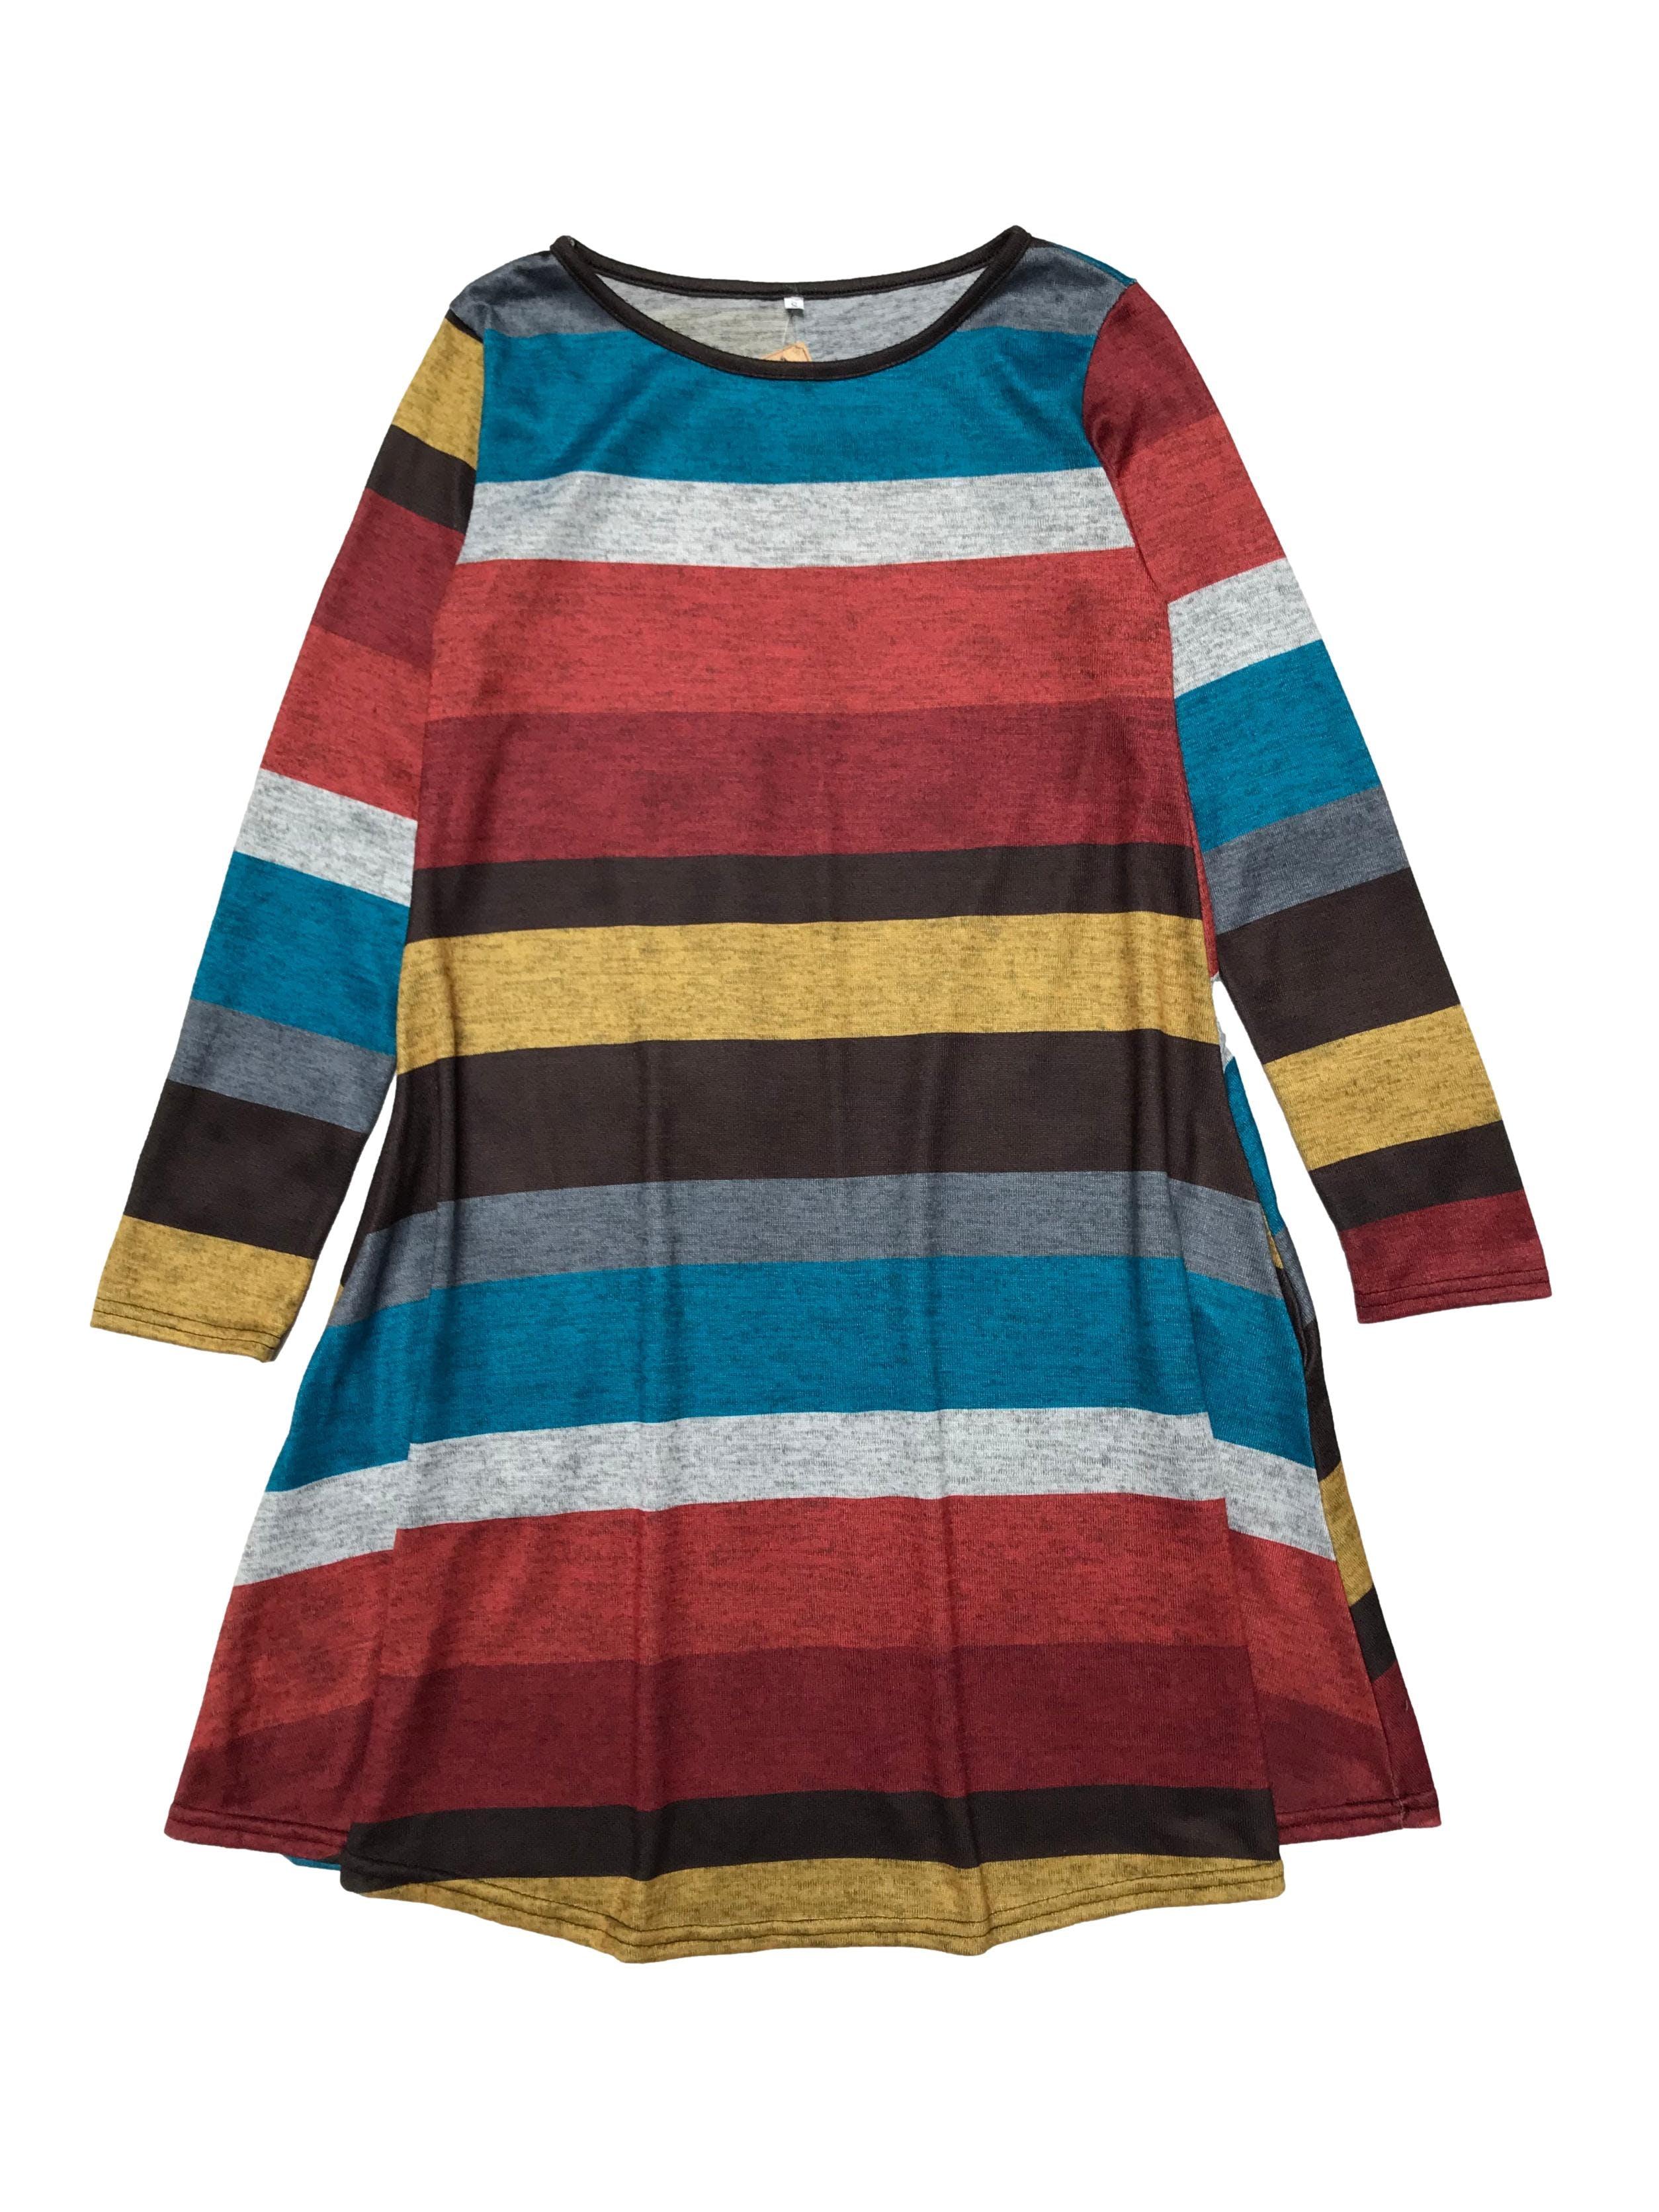 Vestido manga larga de punto, en franjas multicolor, corte en A con bolsillos laterales. Busto 90cm Largo 90cm